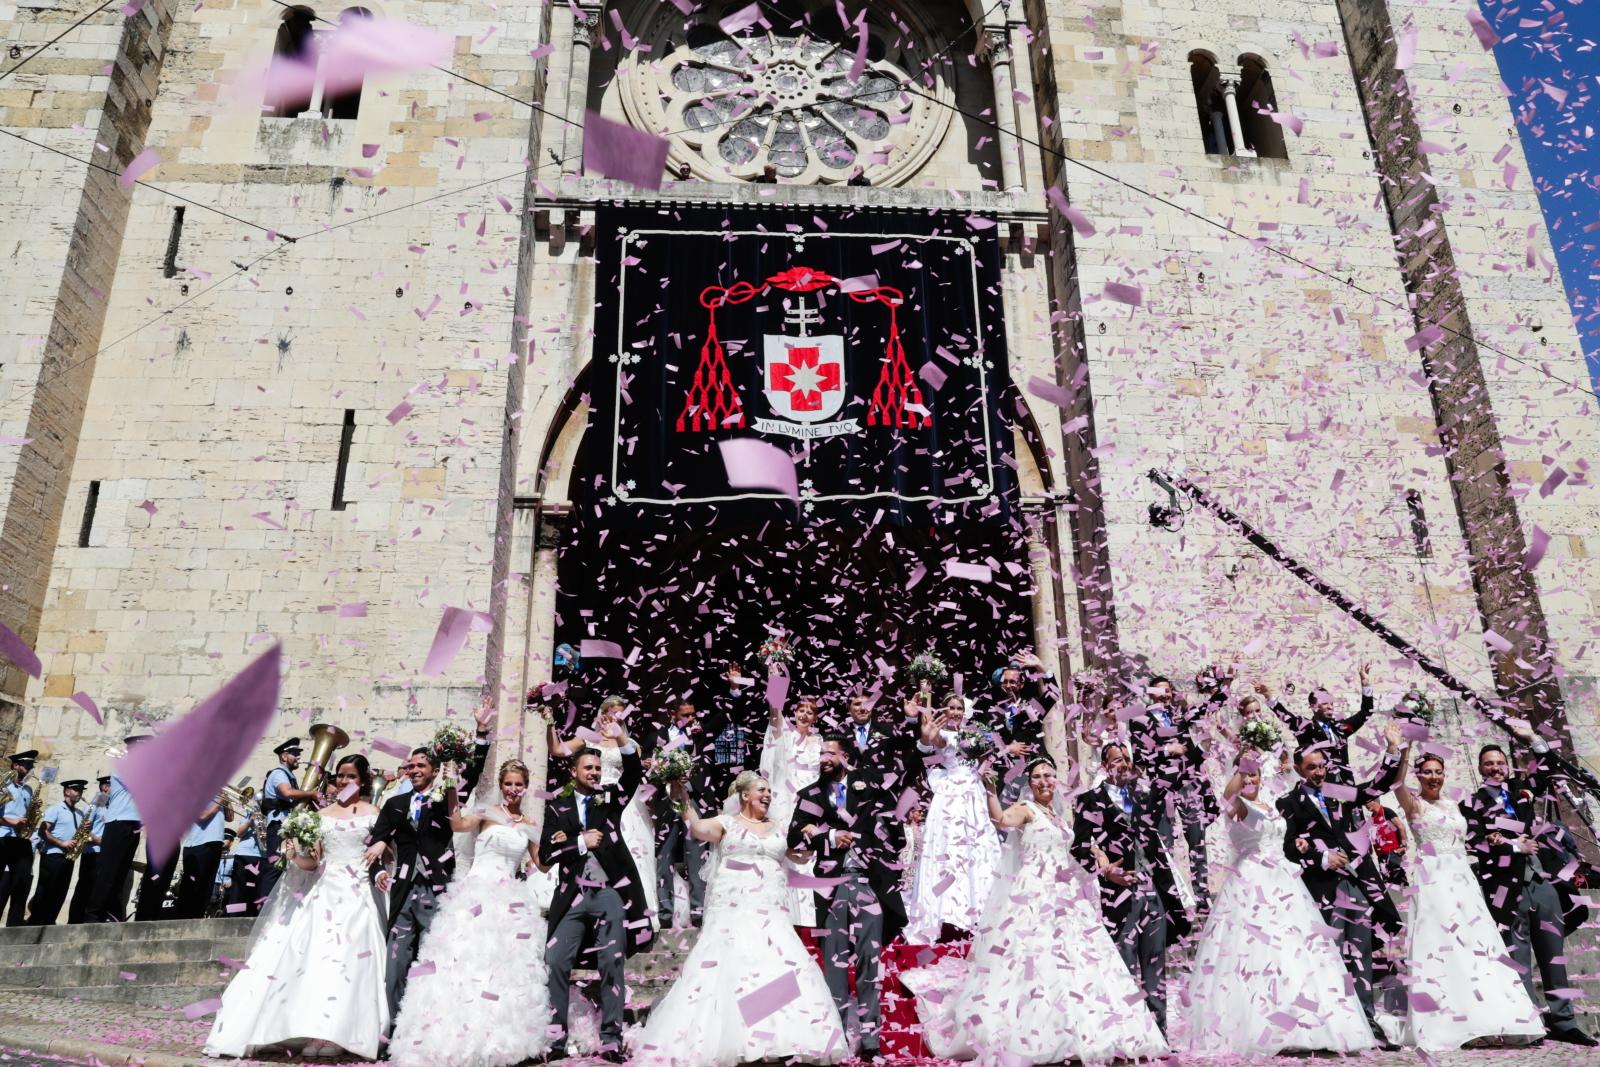 Masowe śluby w Lizbonie. Fot.  EPA/TIAGO PETINGA